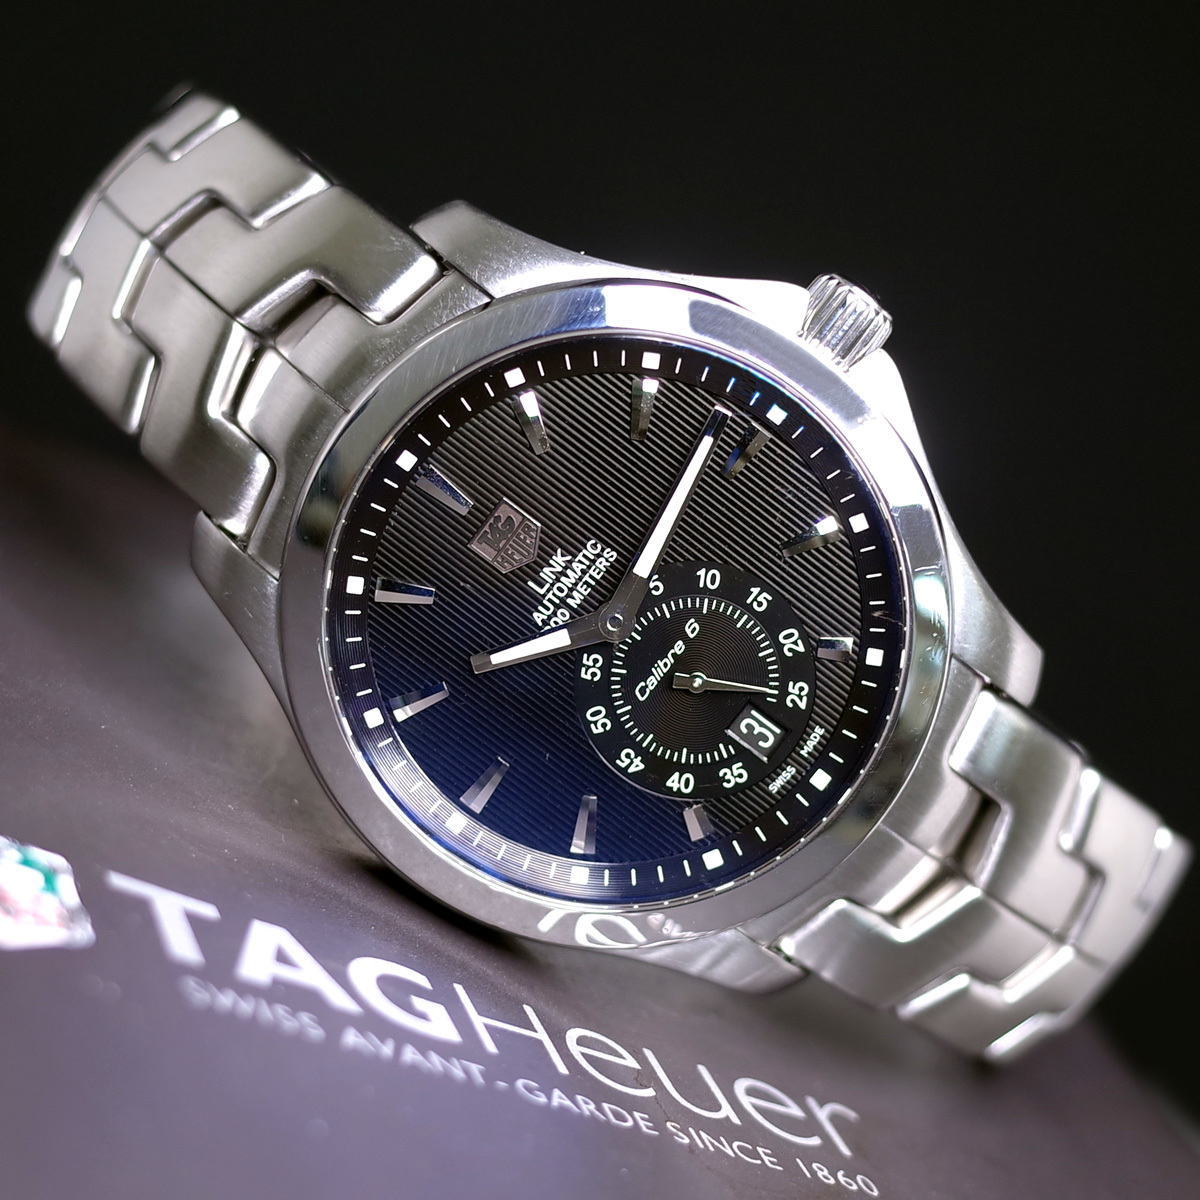 1年保証♪タグホイヤー【リンク】キャリバー6 WJF211A 自動巻 黒文字盤 ブラック ブレスレット 箱 メンズ 腕時計 TAG HEUER_画像1